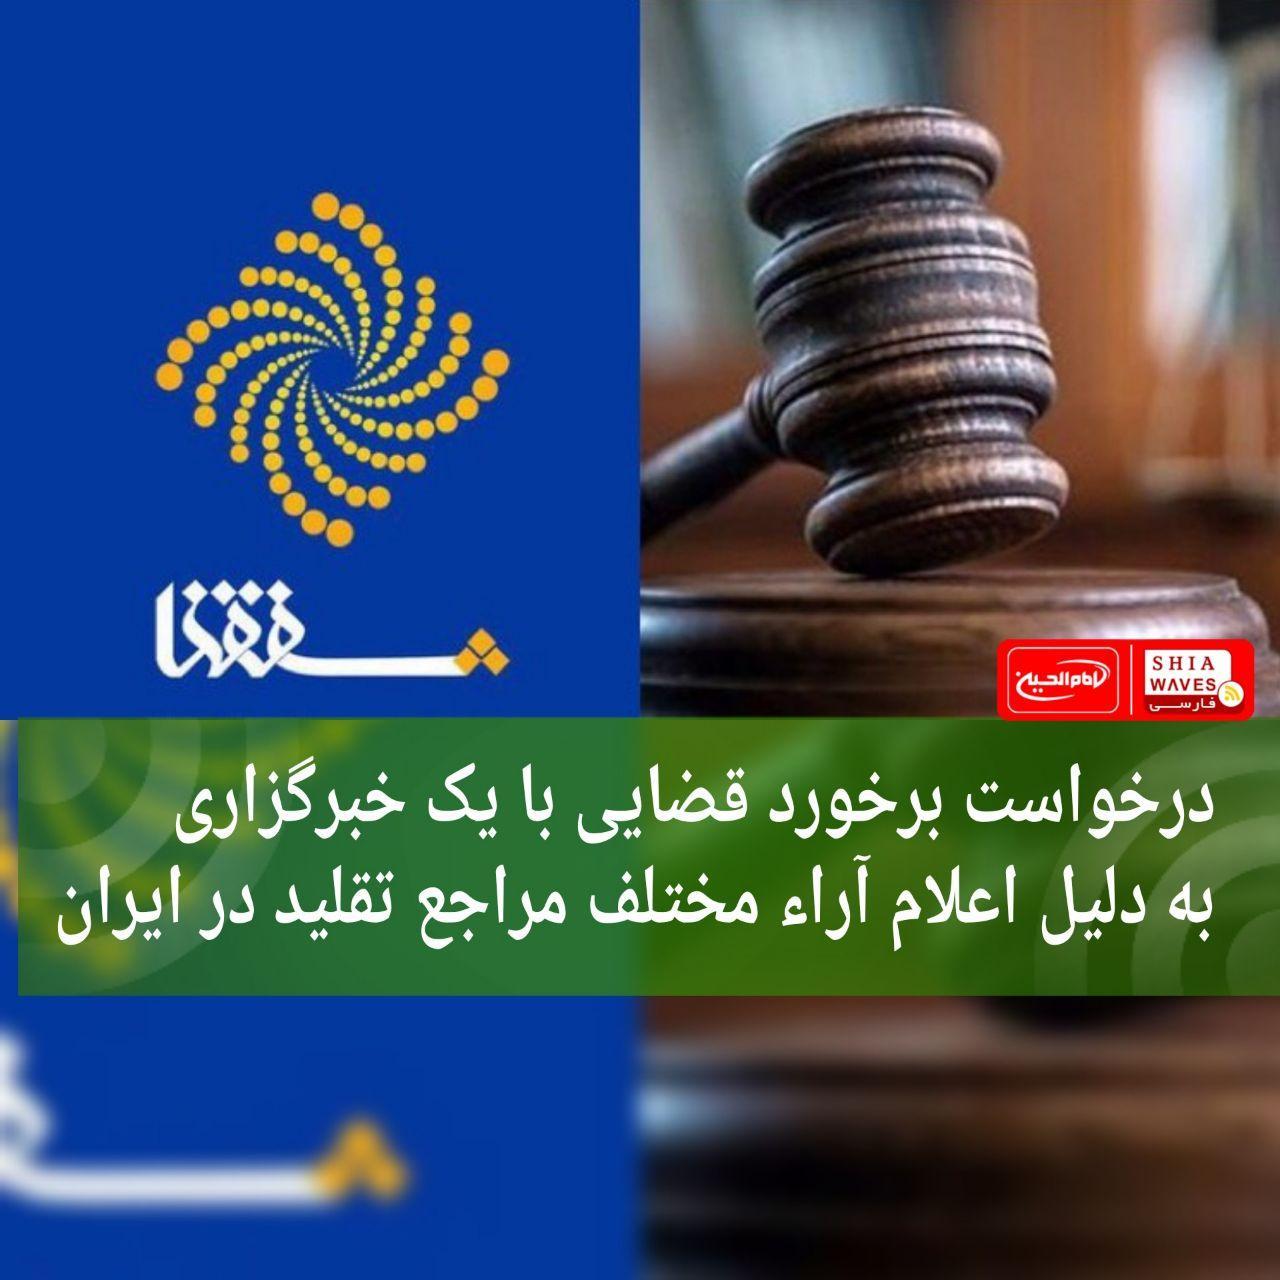 تصویر درخواست برخورد قضایی با یک خبرگزاری به دلیل اعلام آراء مختلف مراجع تقلید در ایران